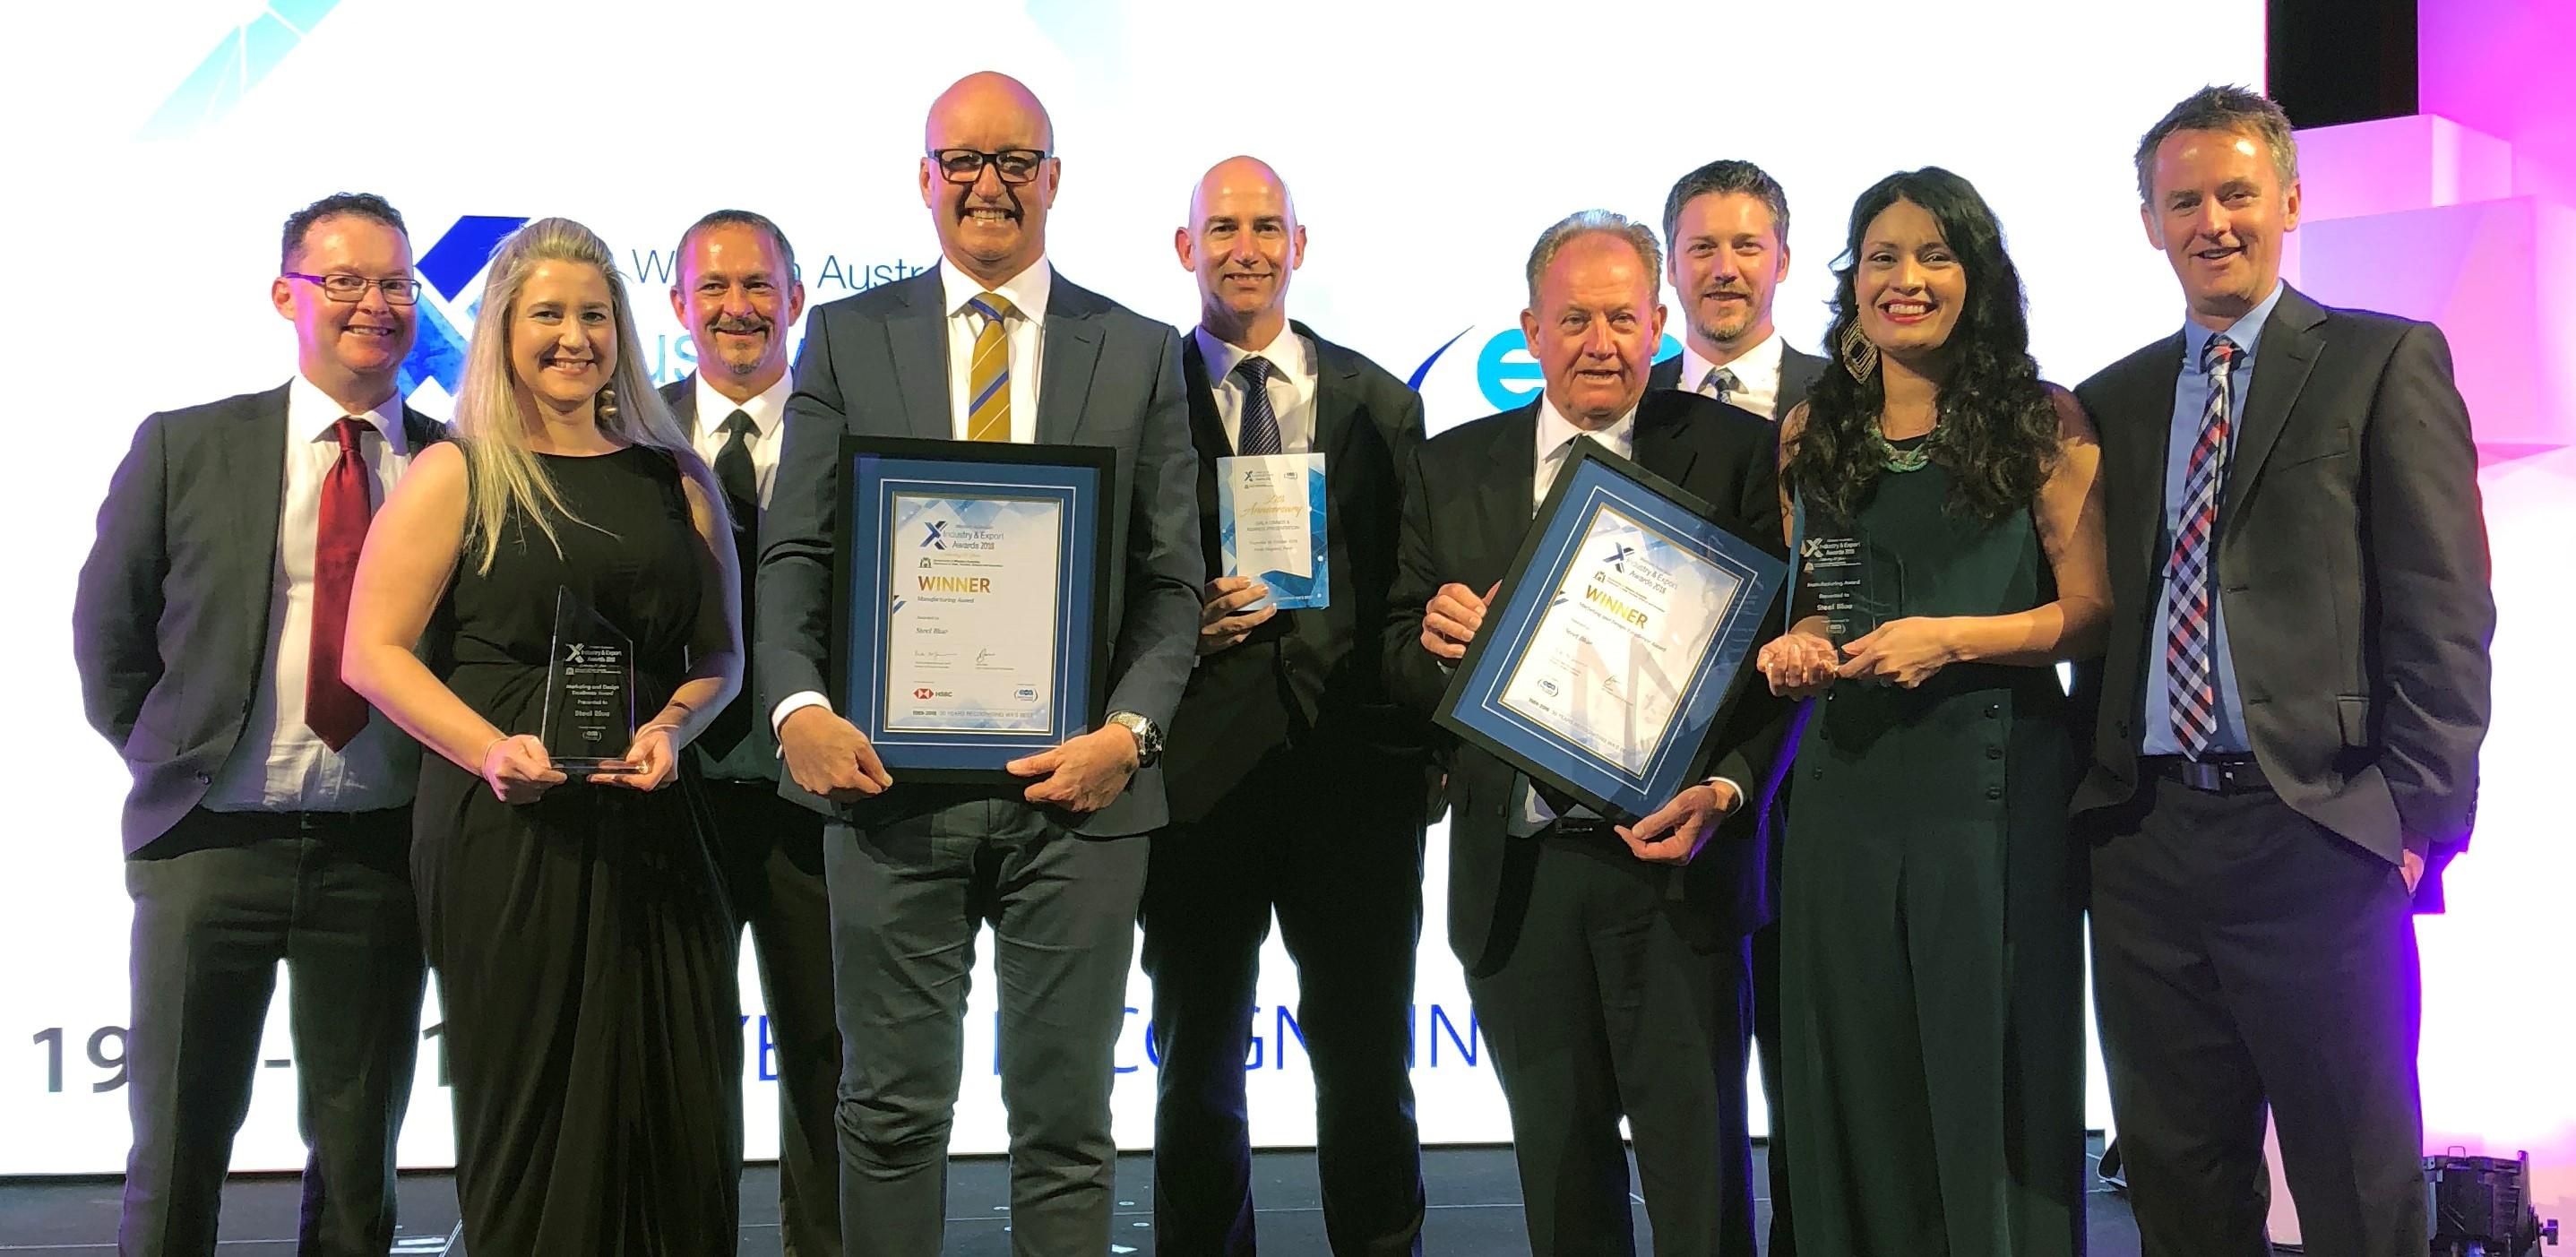 38ddbb875a12 WA Export Awards Winner